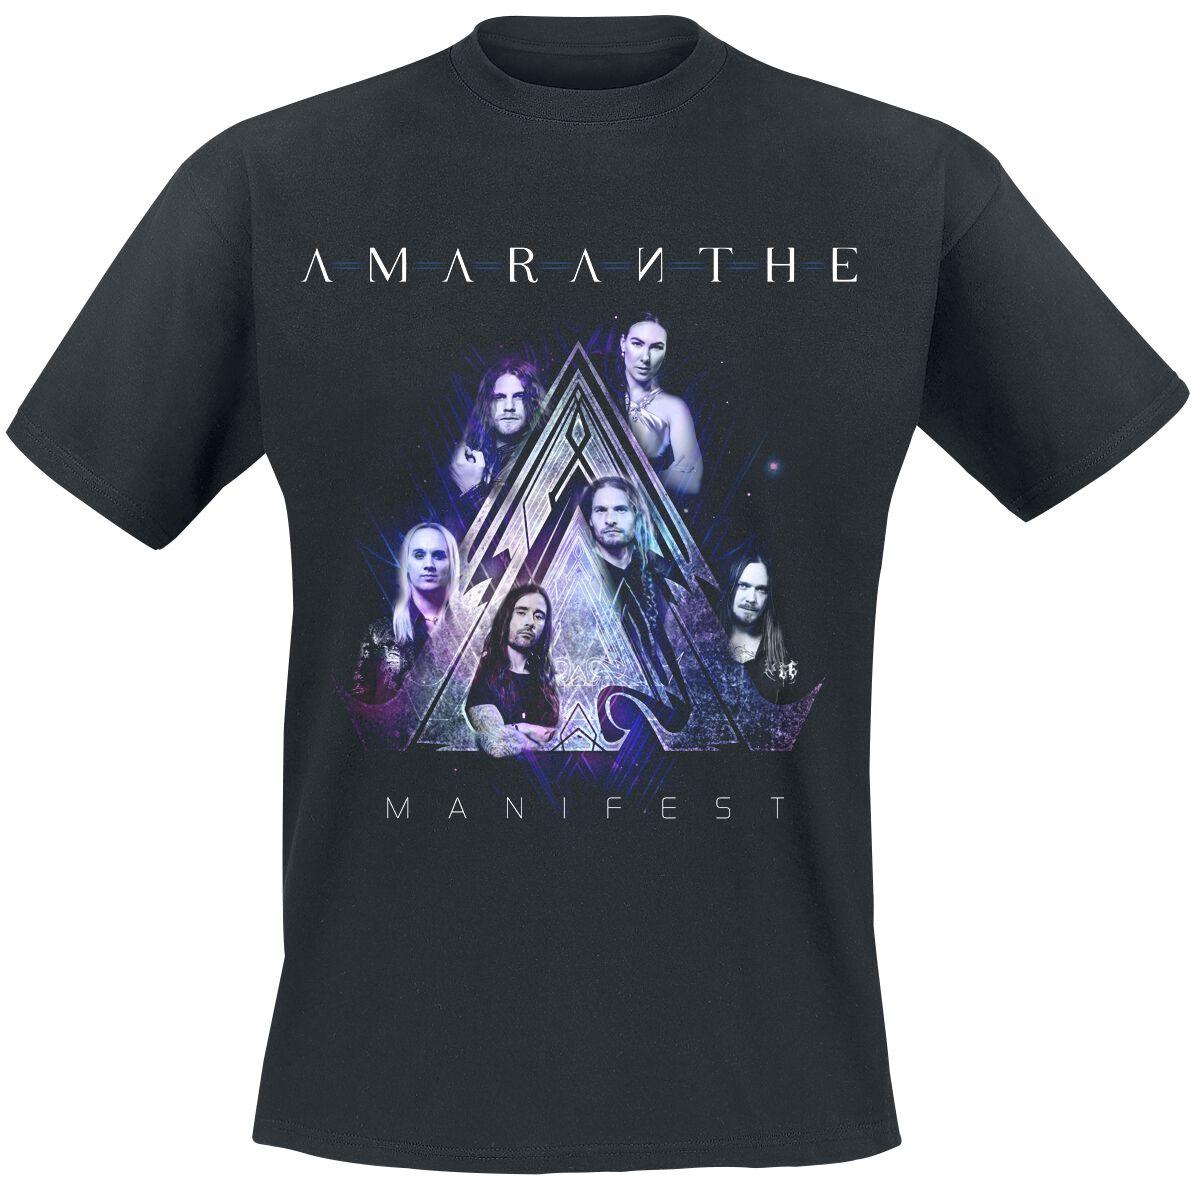 Image of Amaranthe Manifest Band Photo T-Shirt schwarz